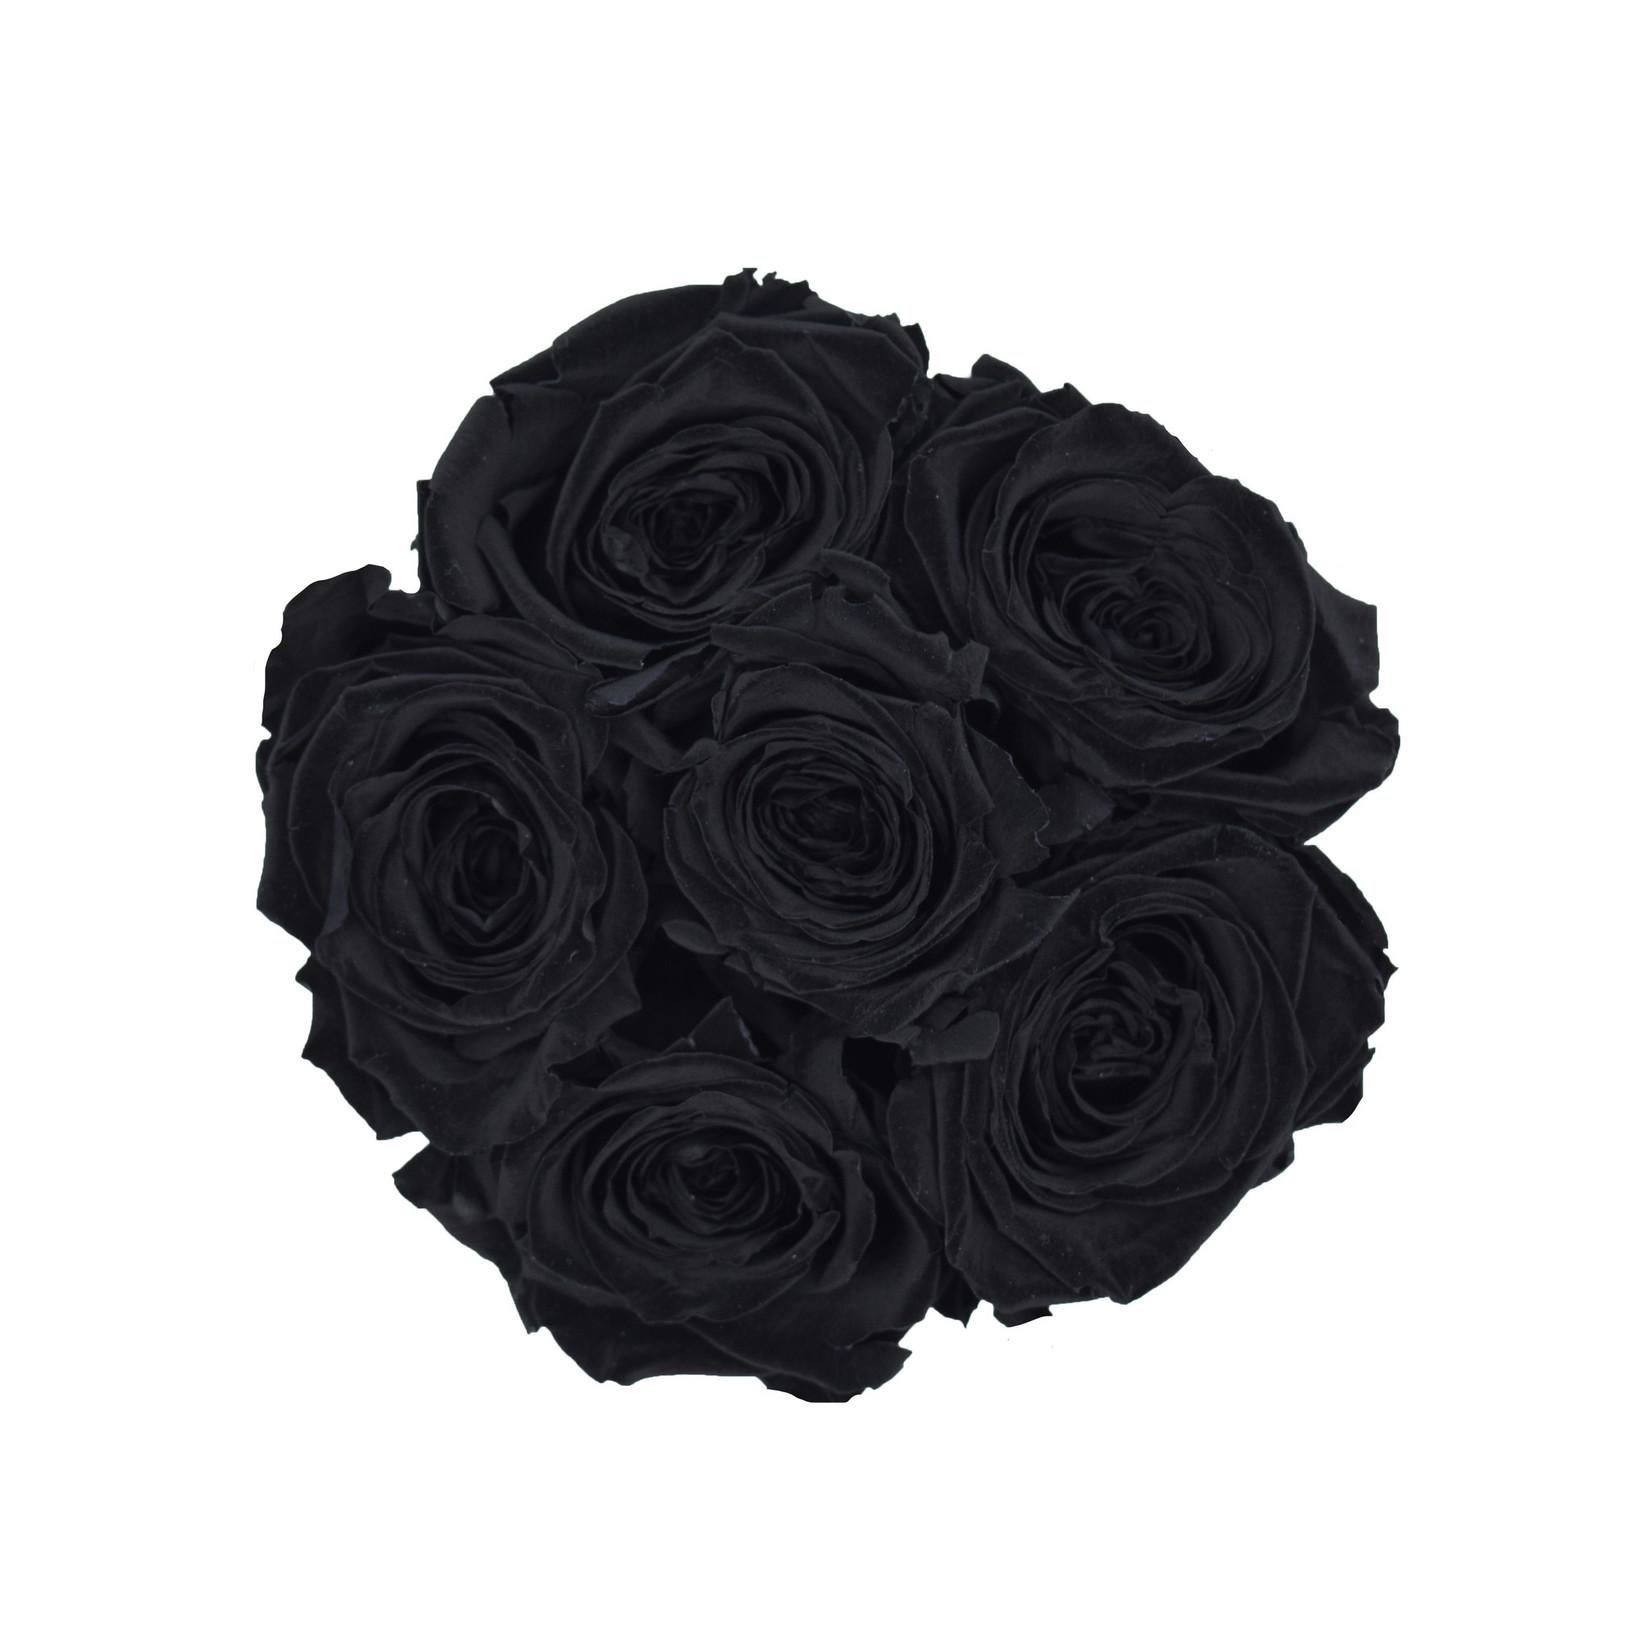 Mini - Black Endless Roses - Black Box